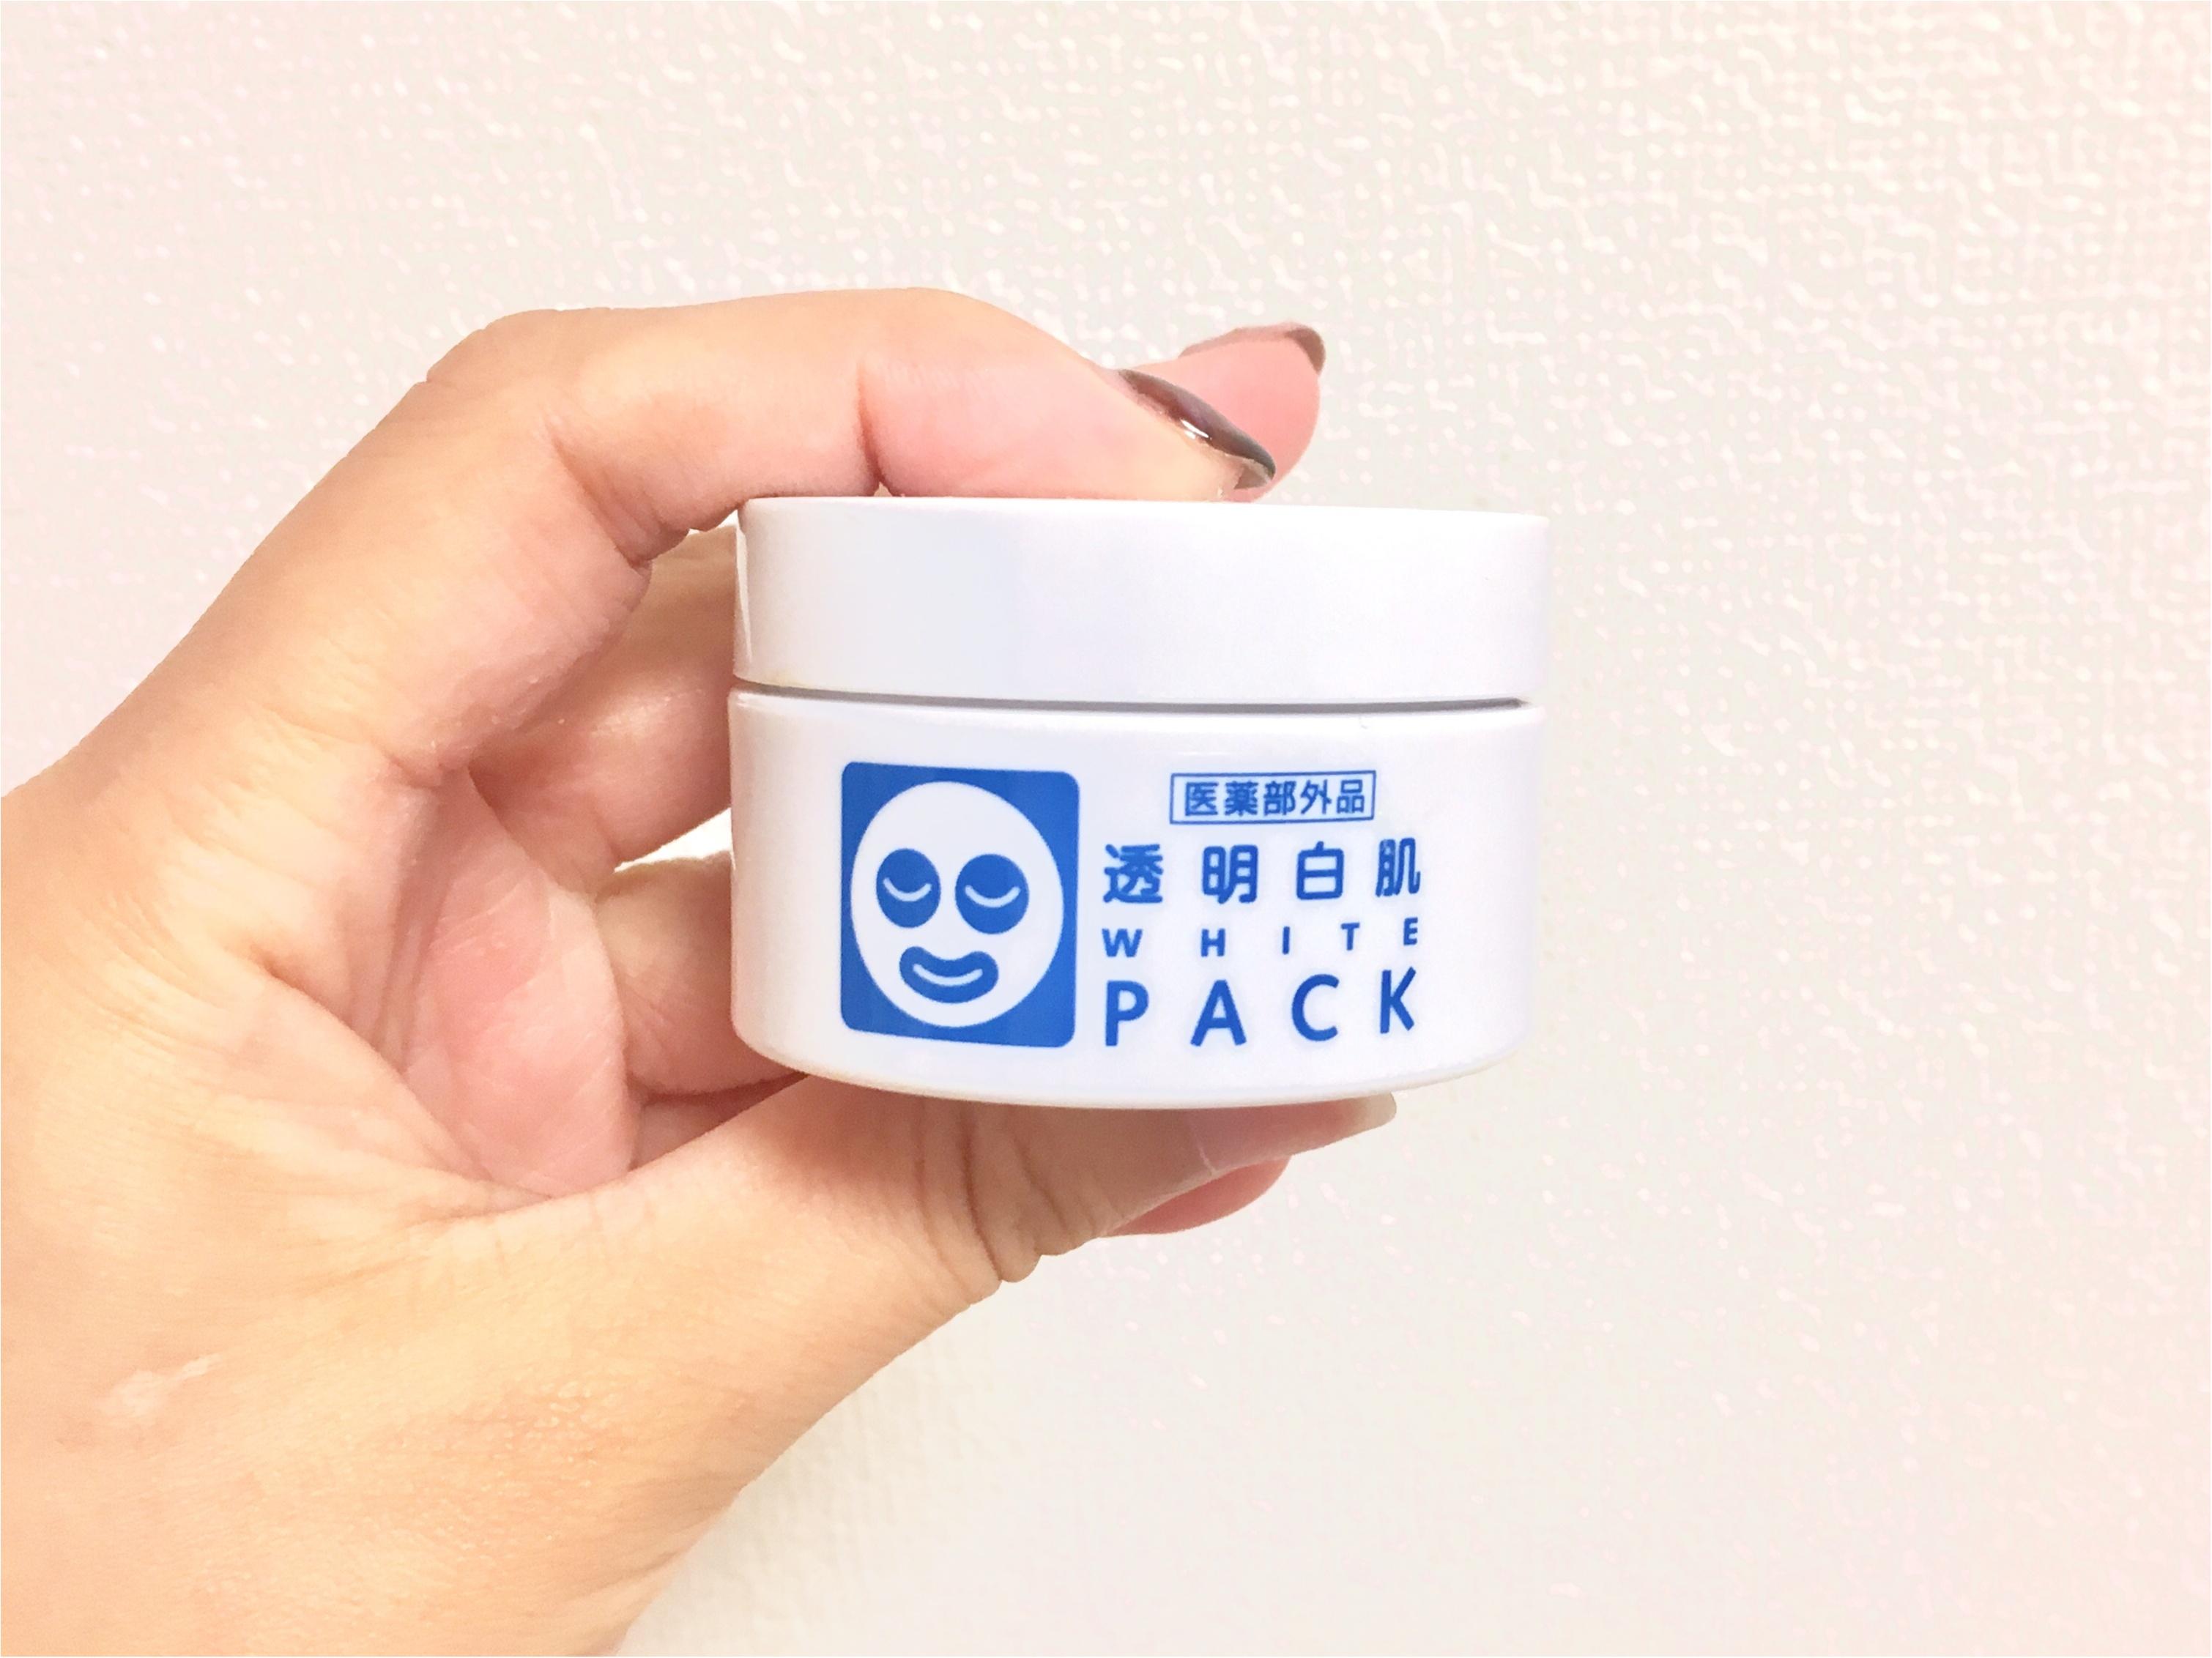 【今週のパックvol.5】石澤研究所『透明白肌PACK』_1